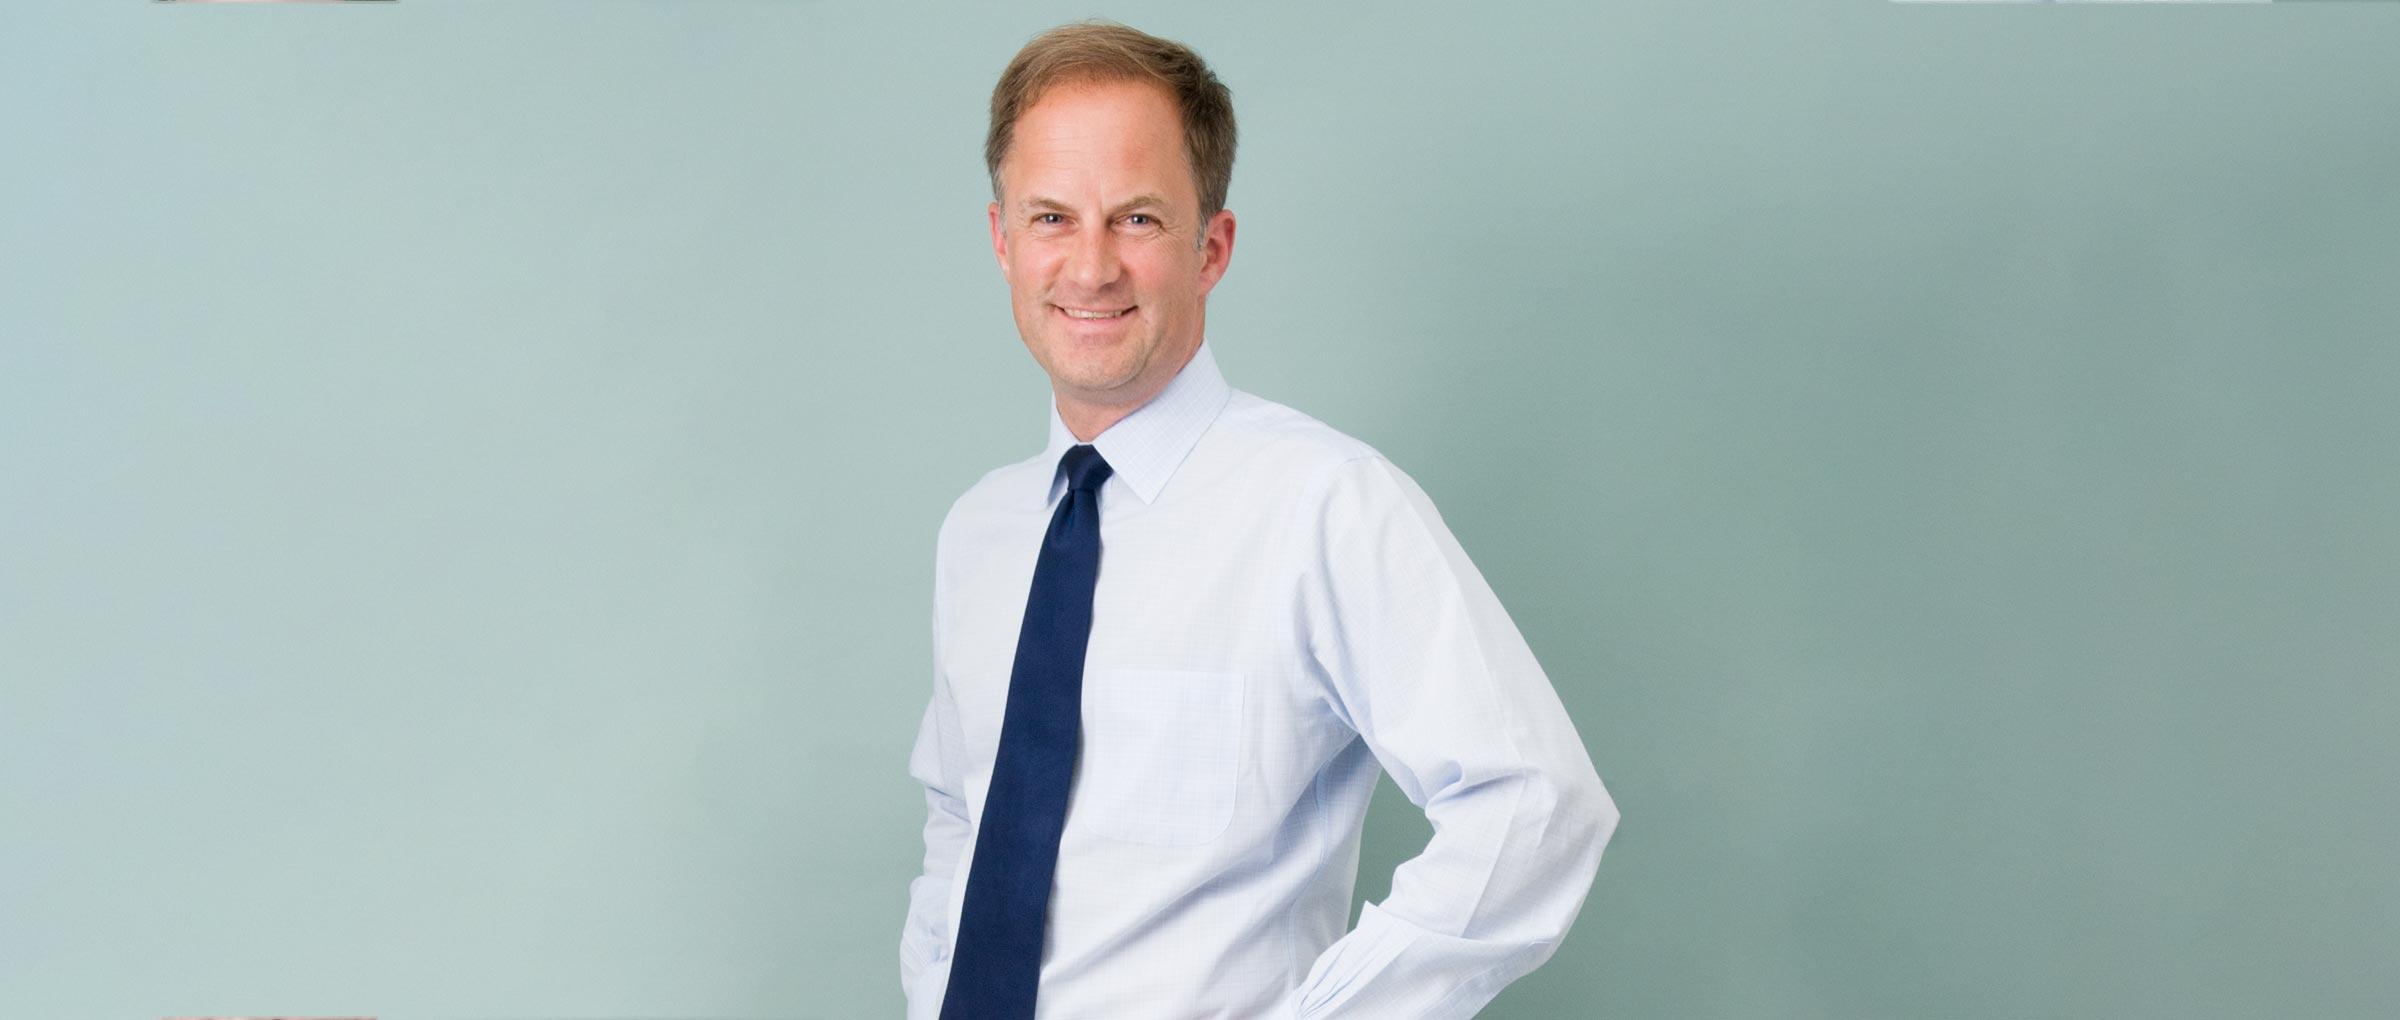 Dr. Brandon Bankowski